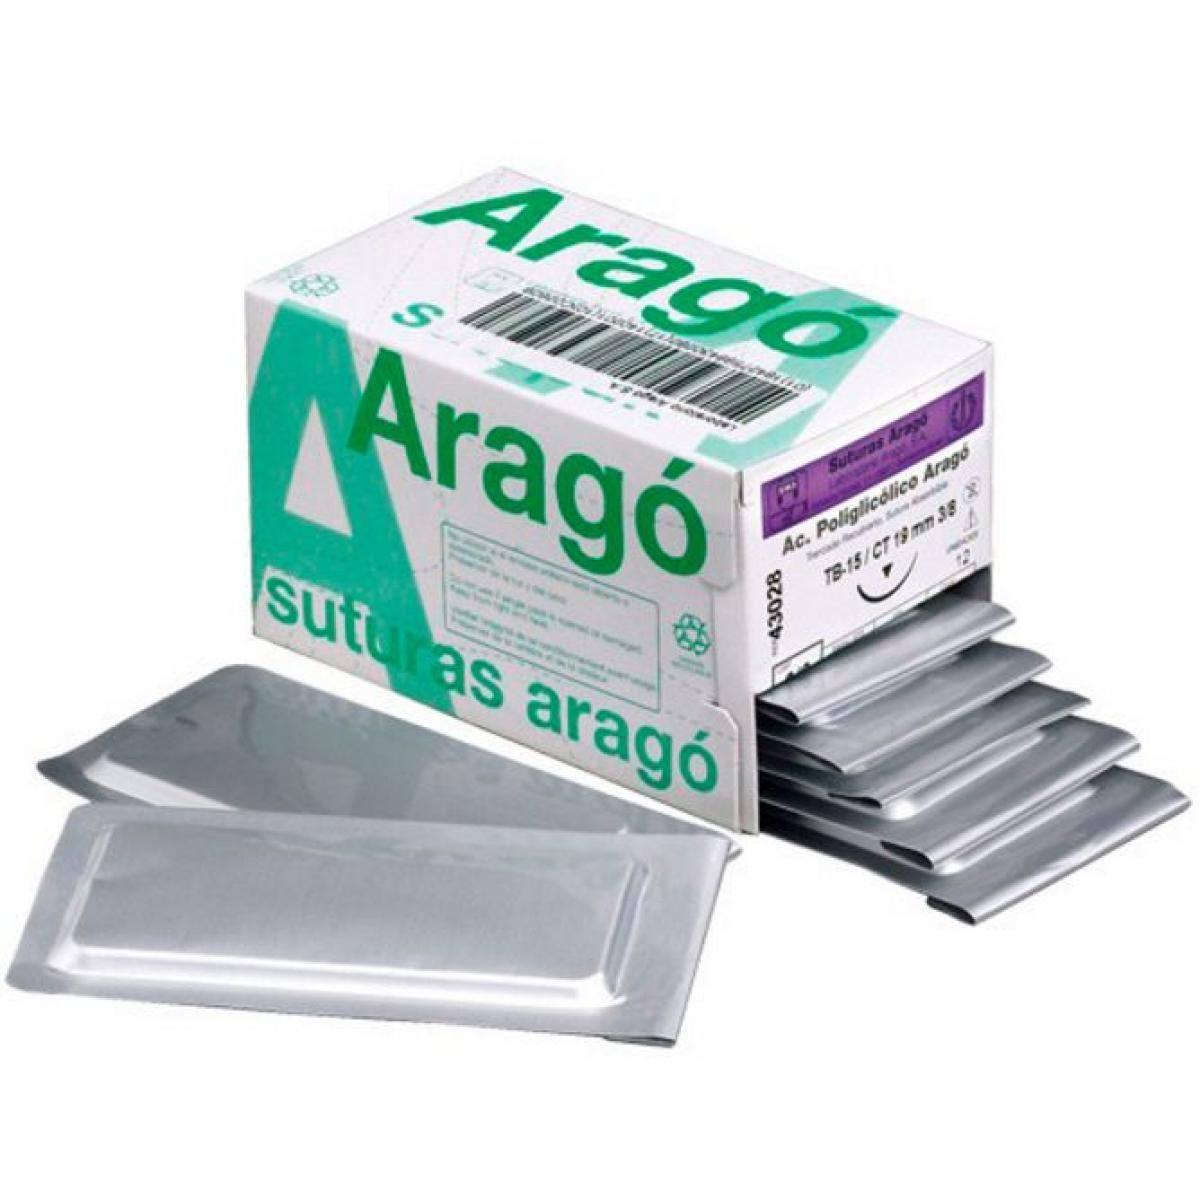 SUTURA ARAGO PGA 4 0 TB 15 CT 19MM 3 8 PGA VIOLETA ACIDO POLIGLICOLICO -